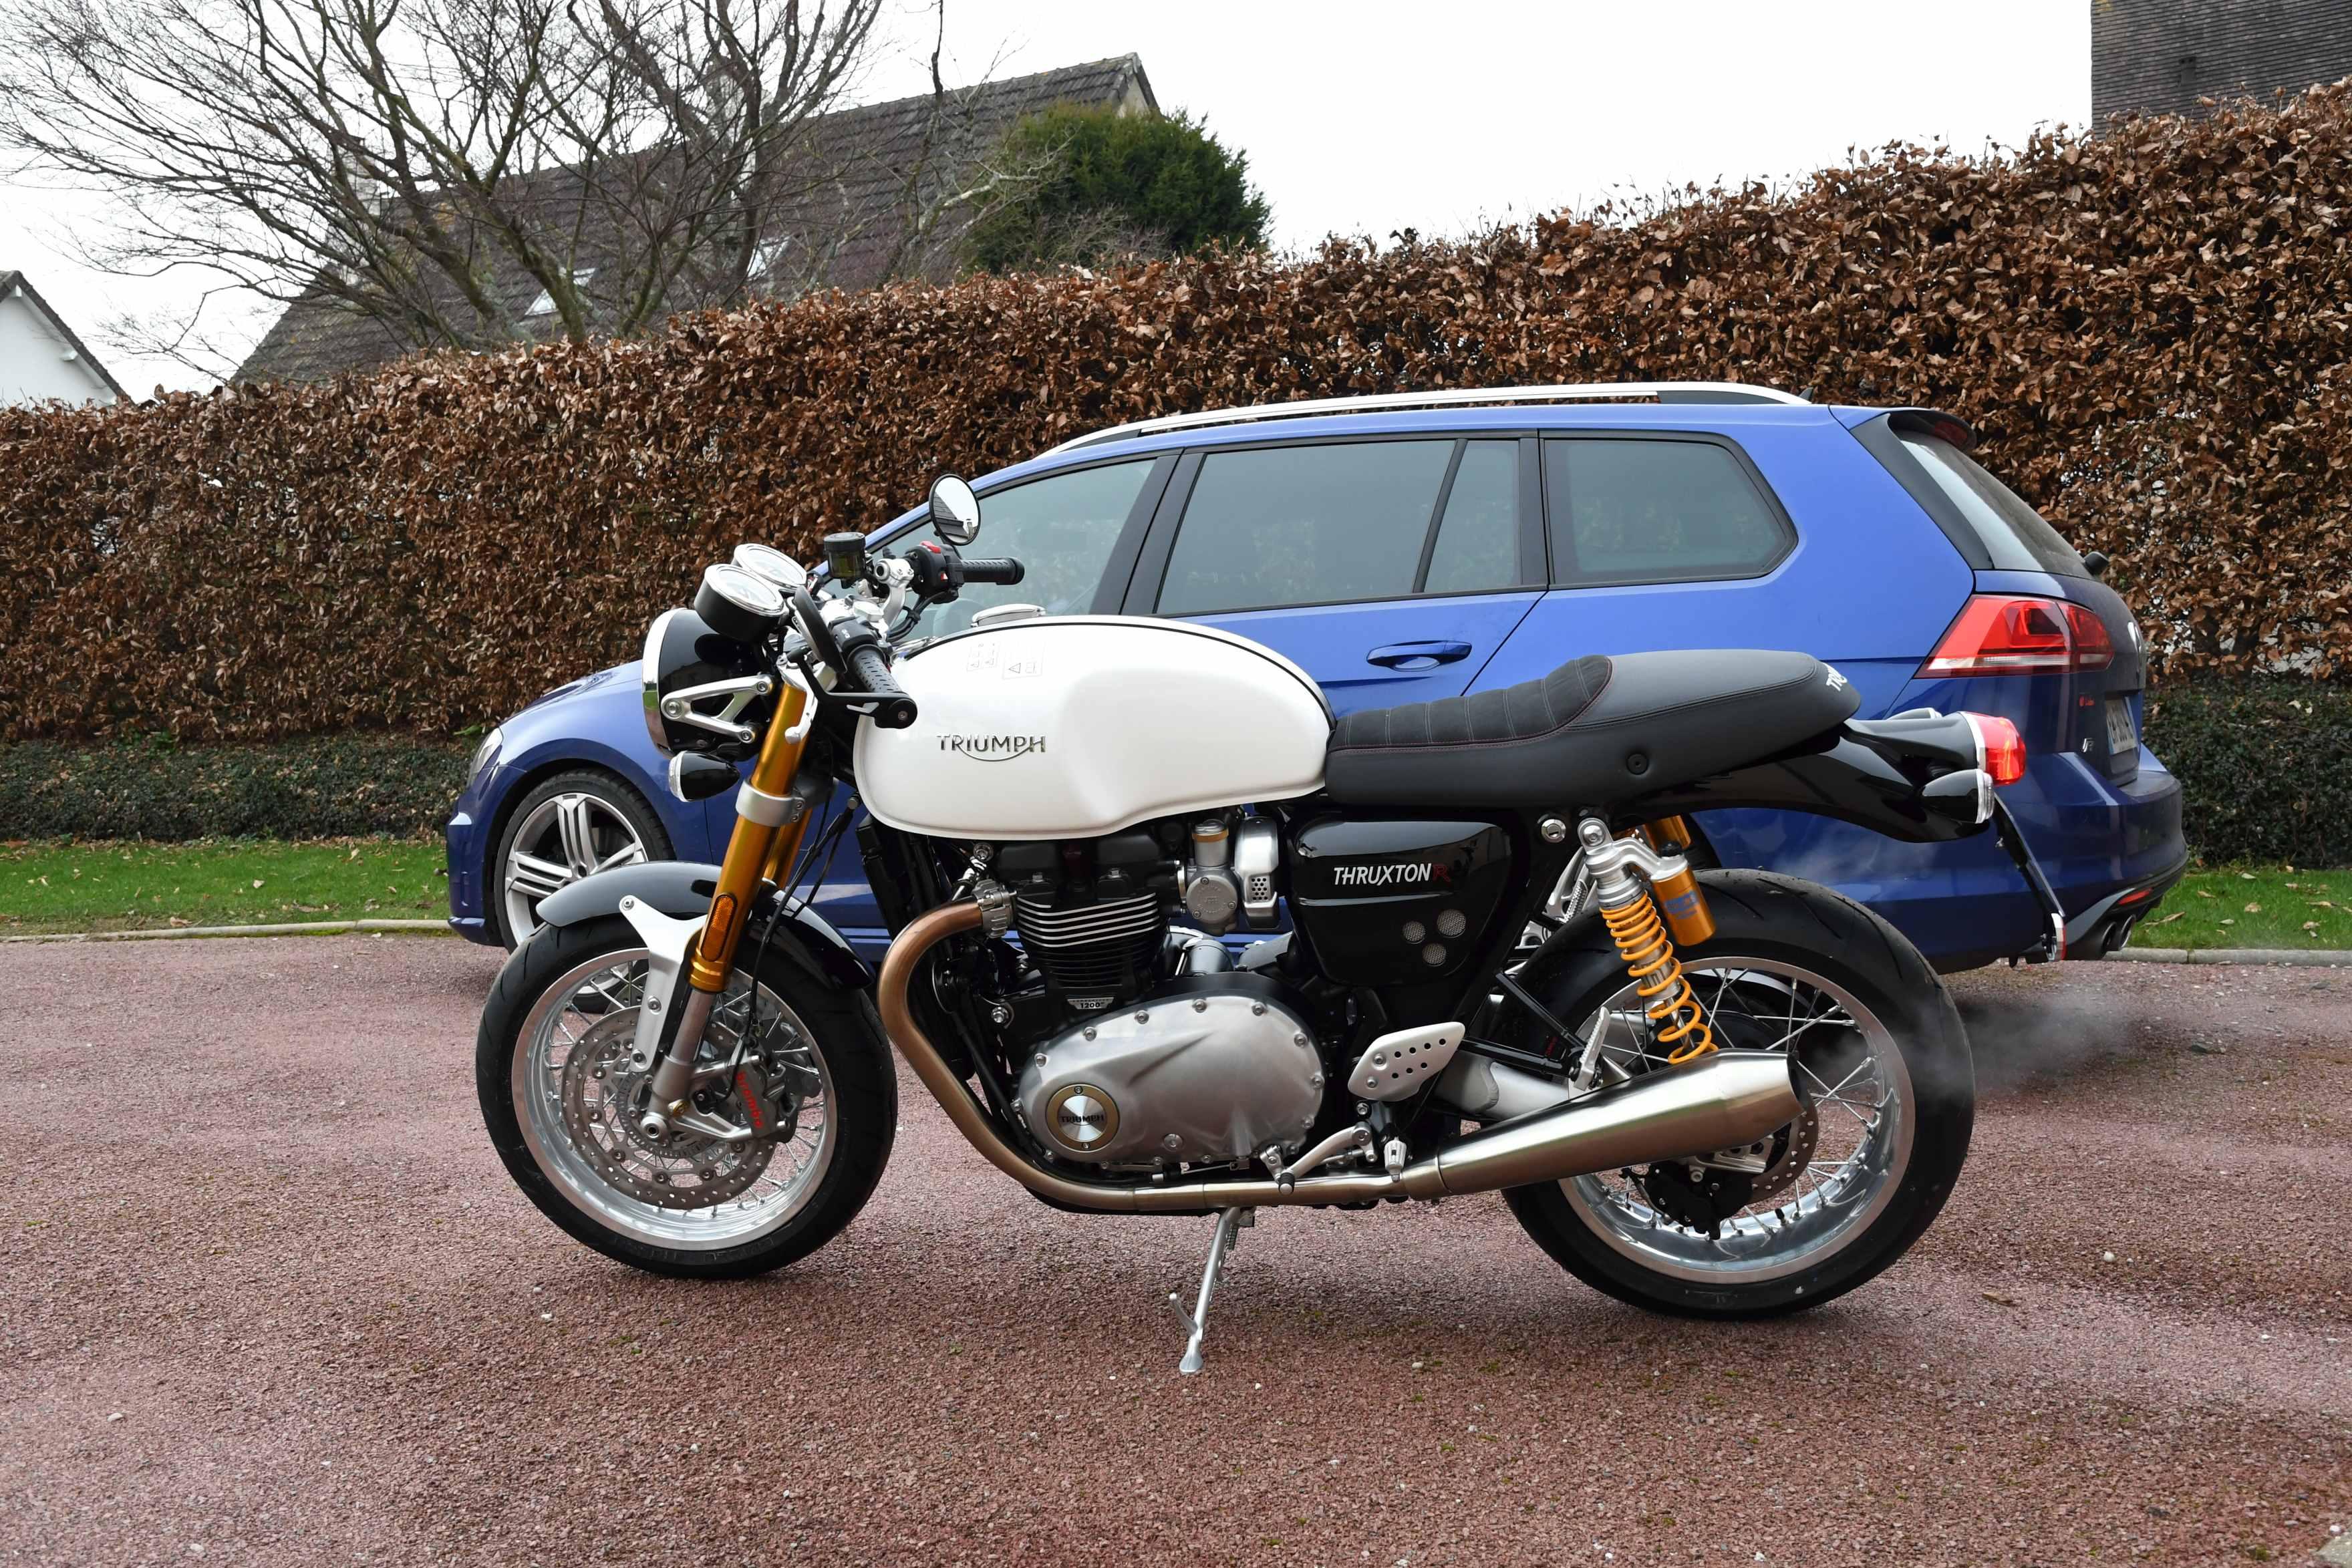 Triumph Thruxton et ThruxtonR  - Page 2 180114123323524278